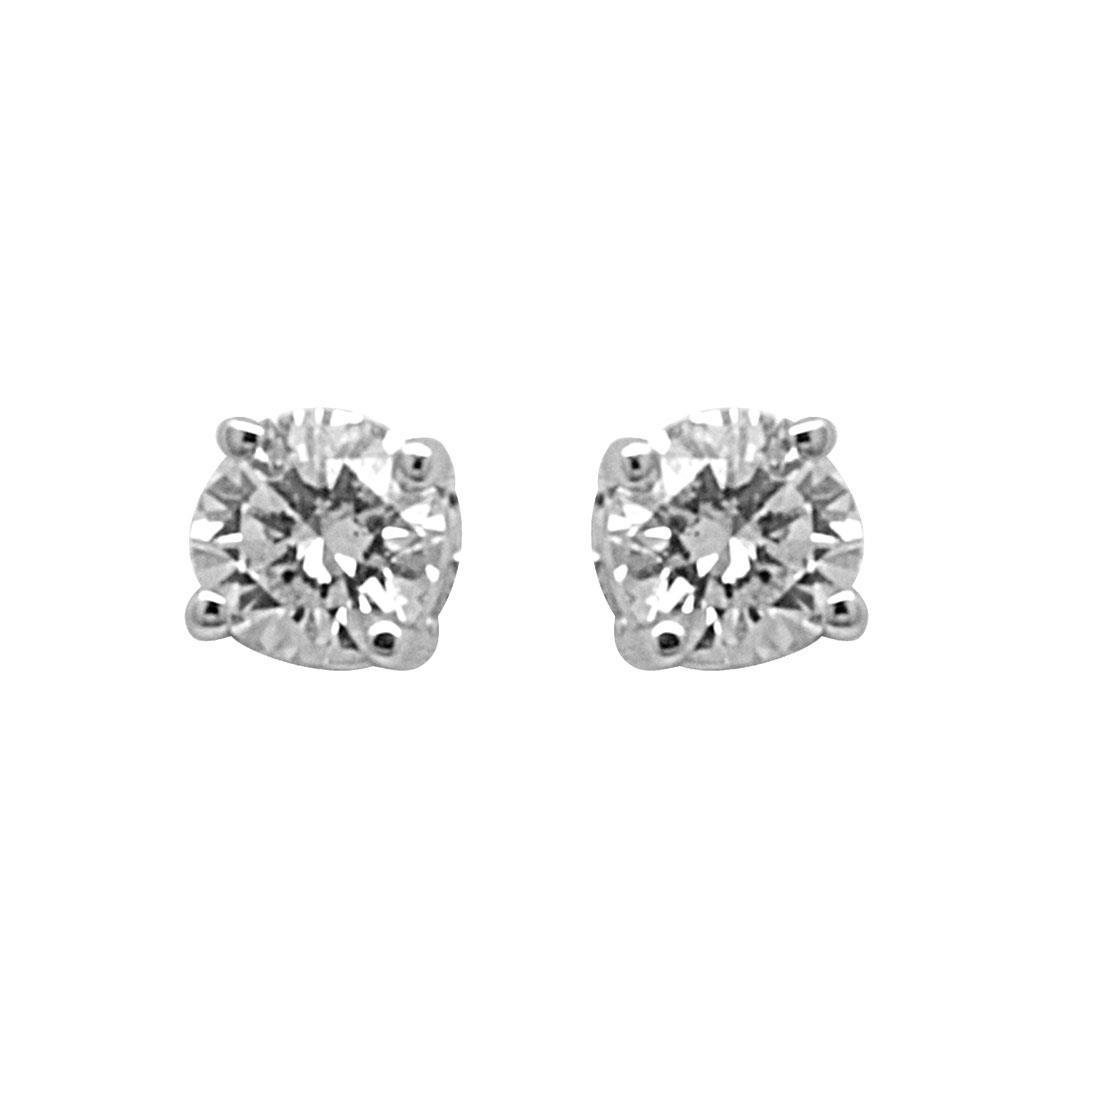 Orecchini punto luce in oro bianco con diamanti 0.30 ct - ALFIERI & ST.JOHN